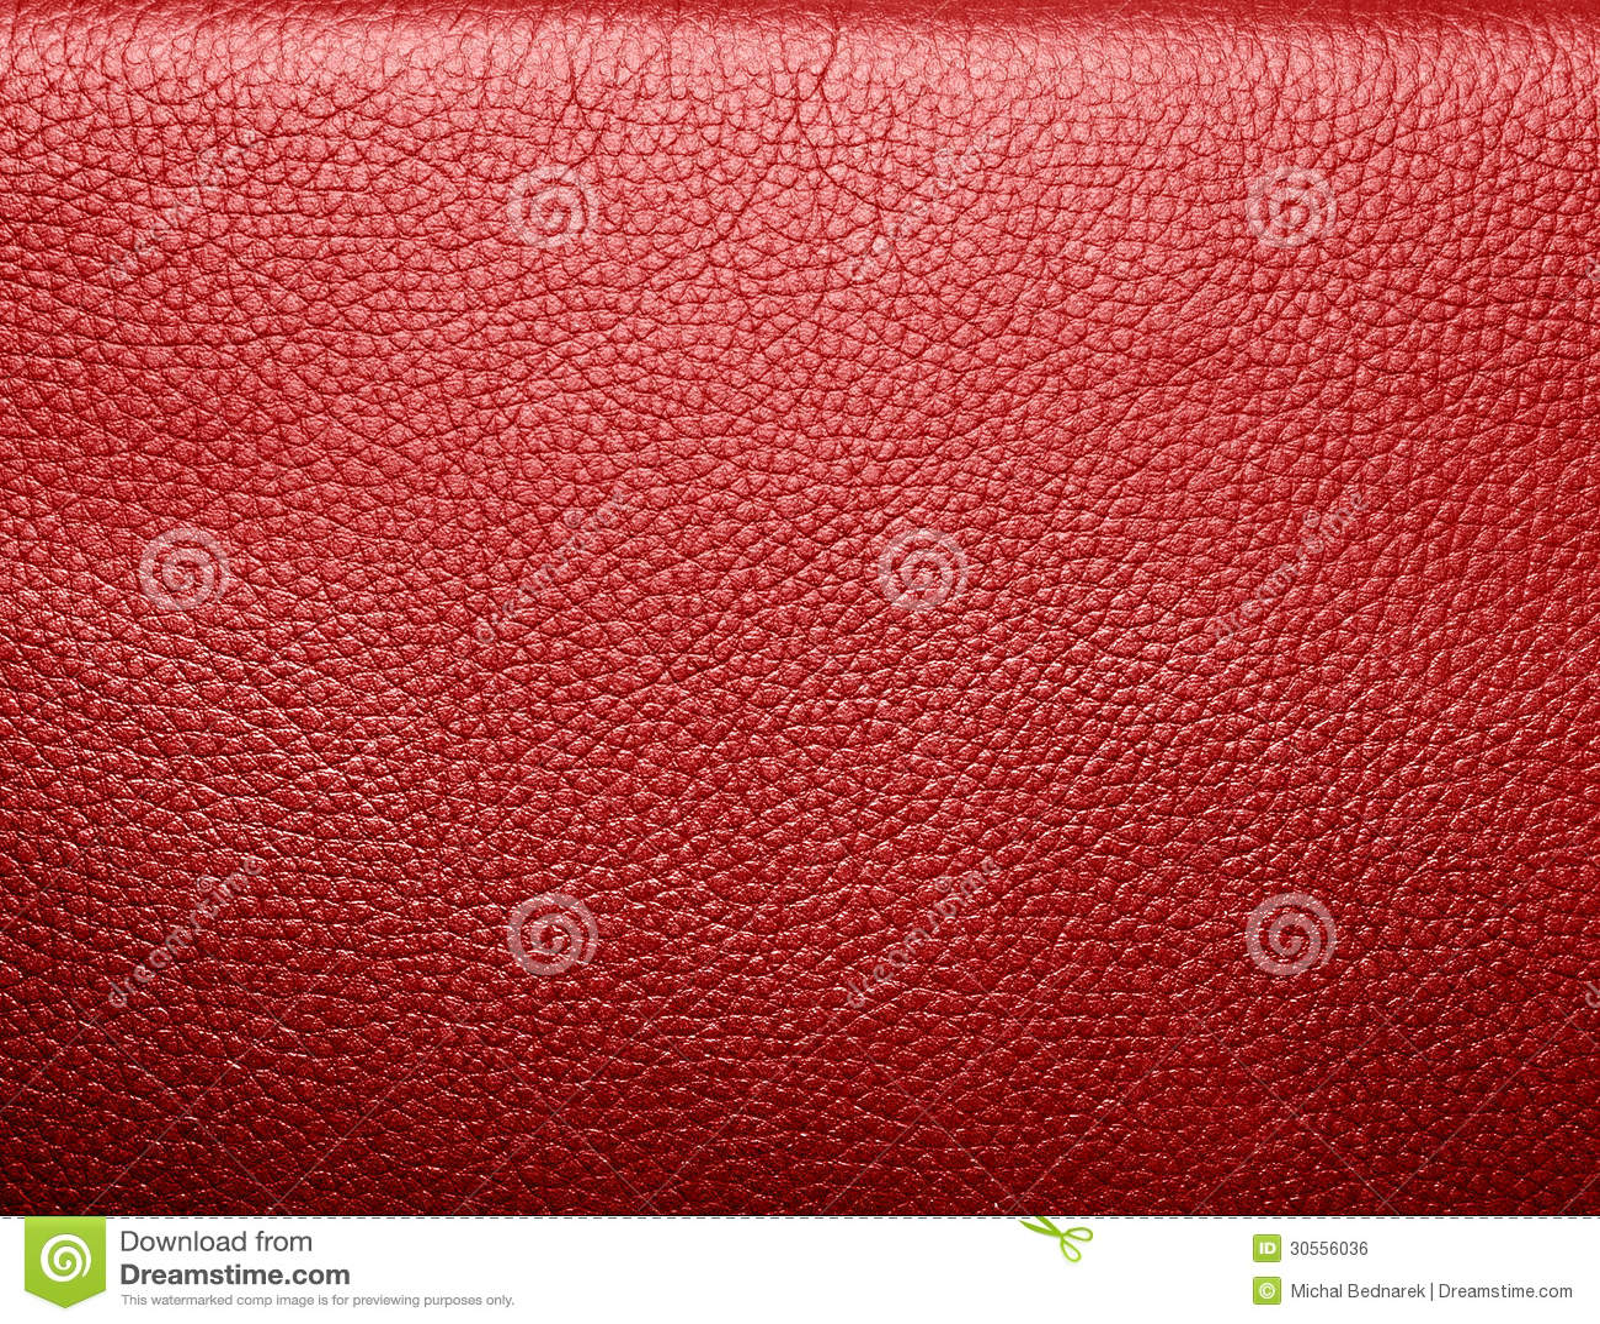 Mjukt rynkigt rött läder. Textur eller bakgrund